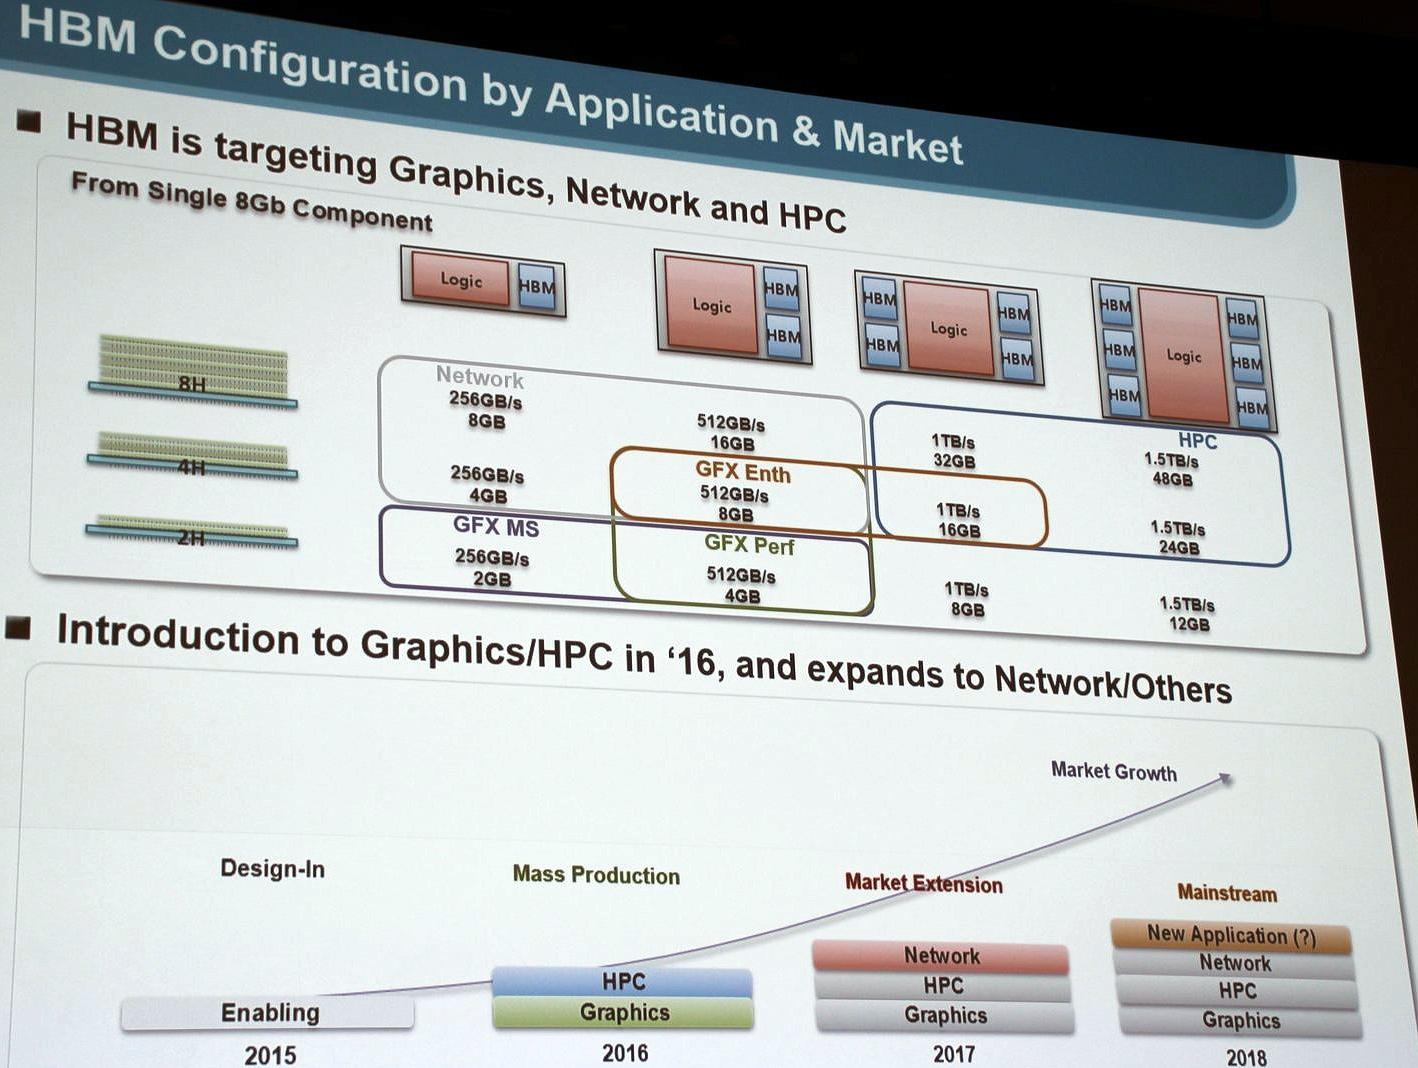 کارت گرافیکهای 6144 (bit-bus) و حافظه های داخلی HBM 48GB سامسونگ (Samsung)